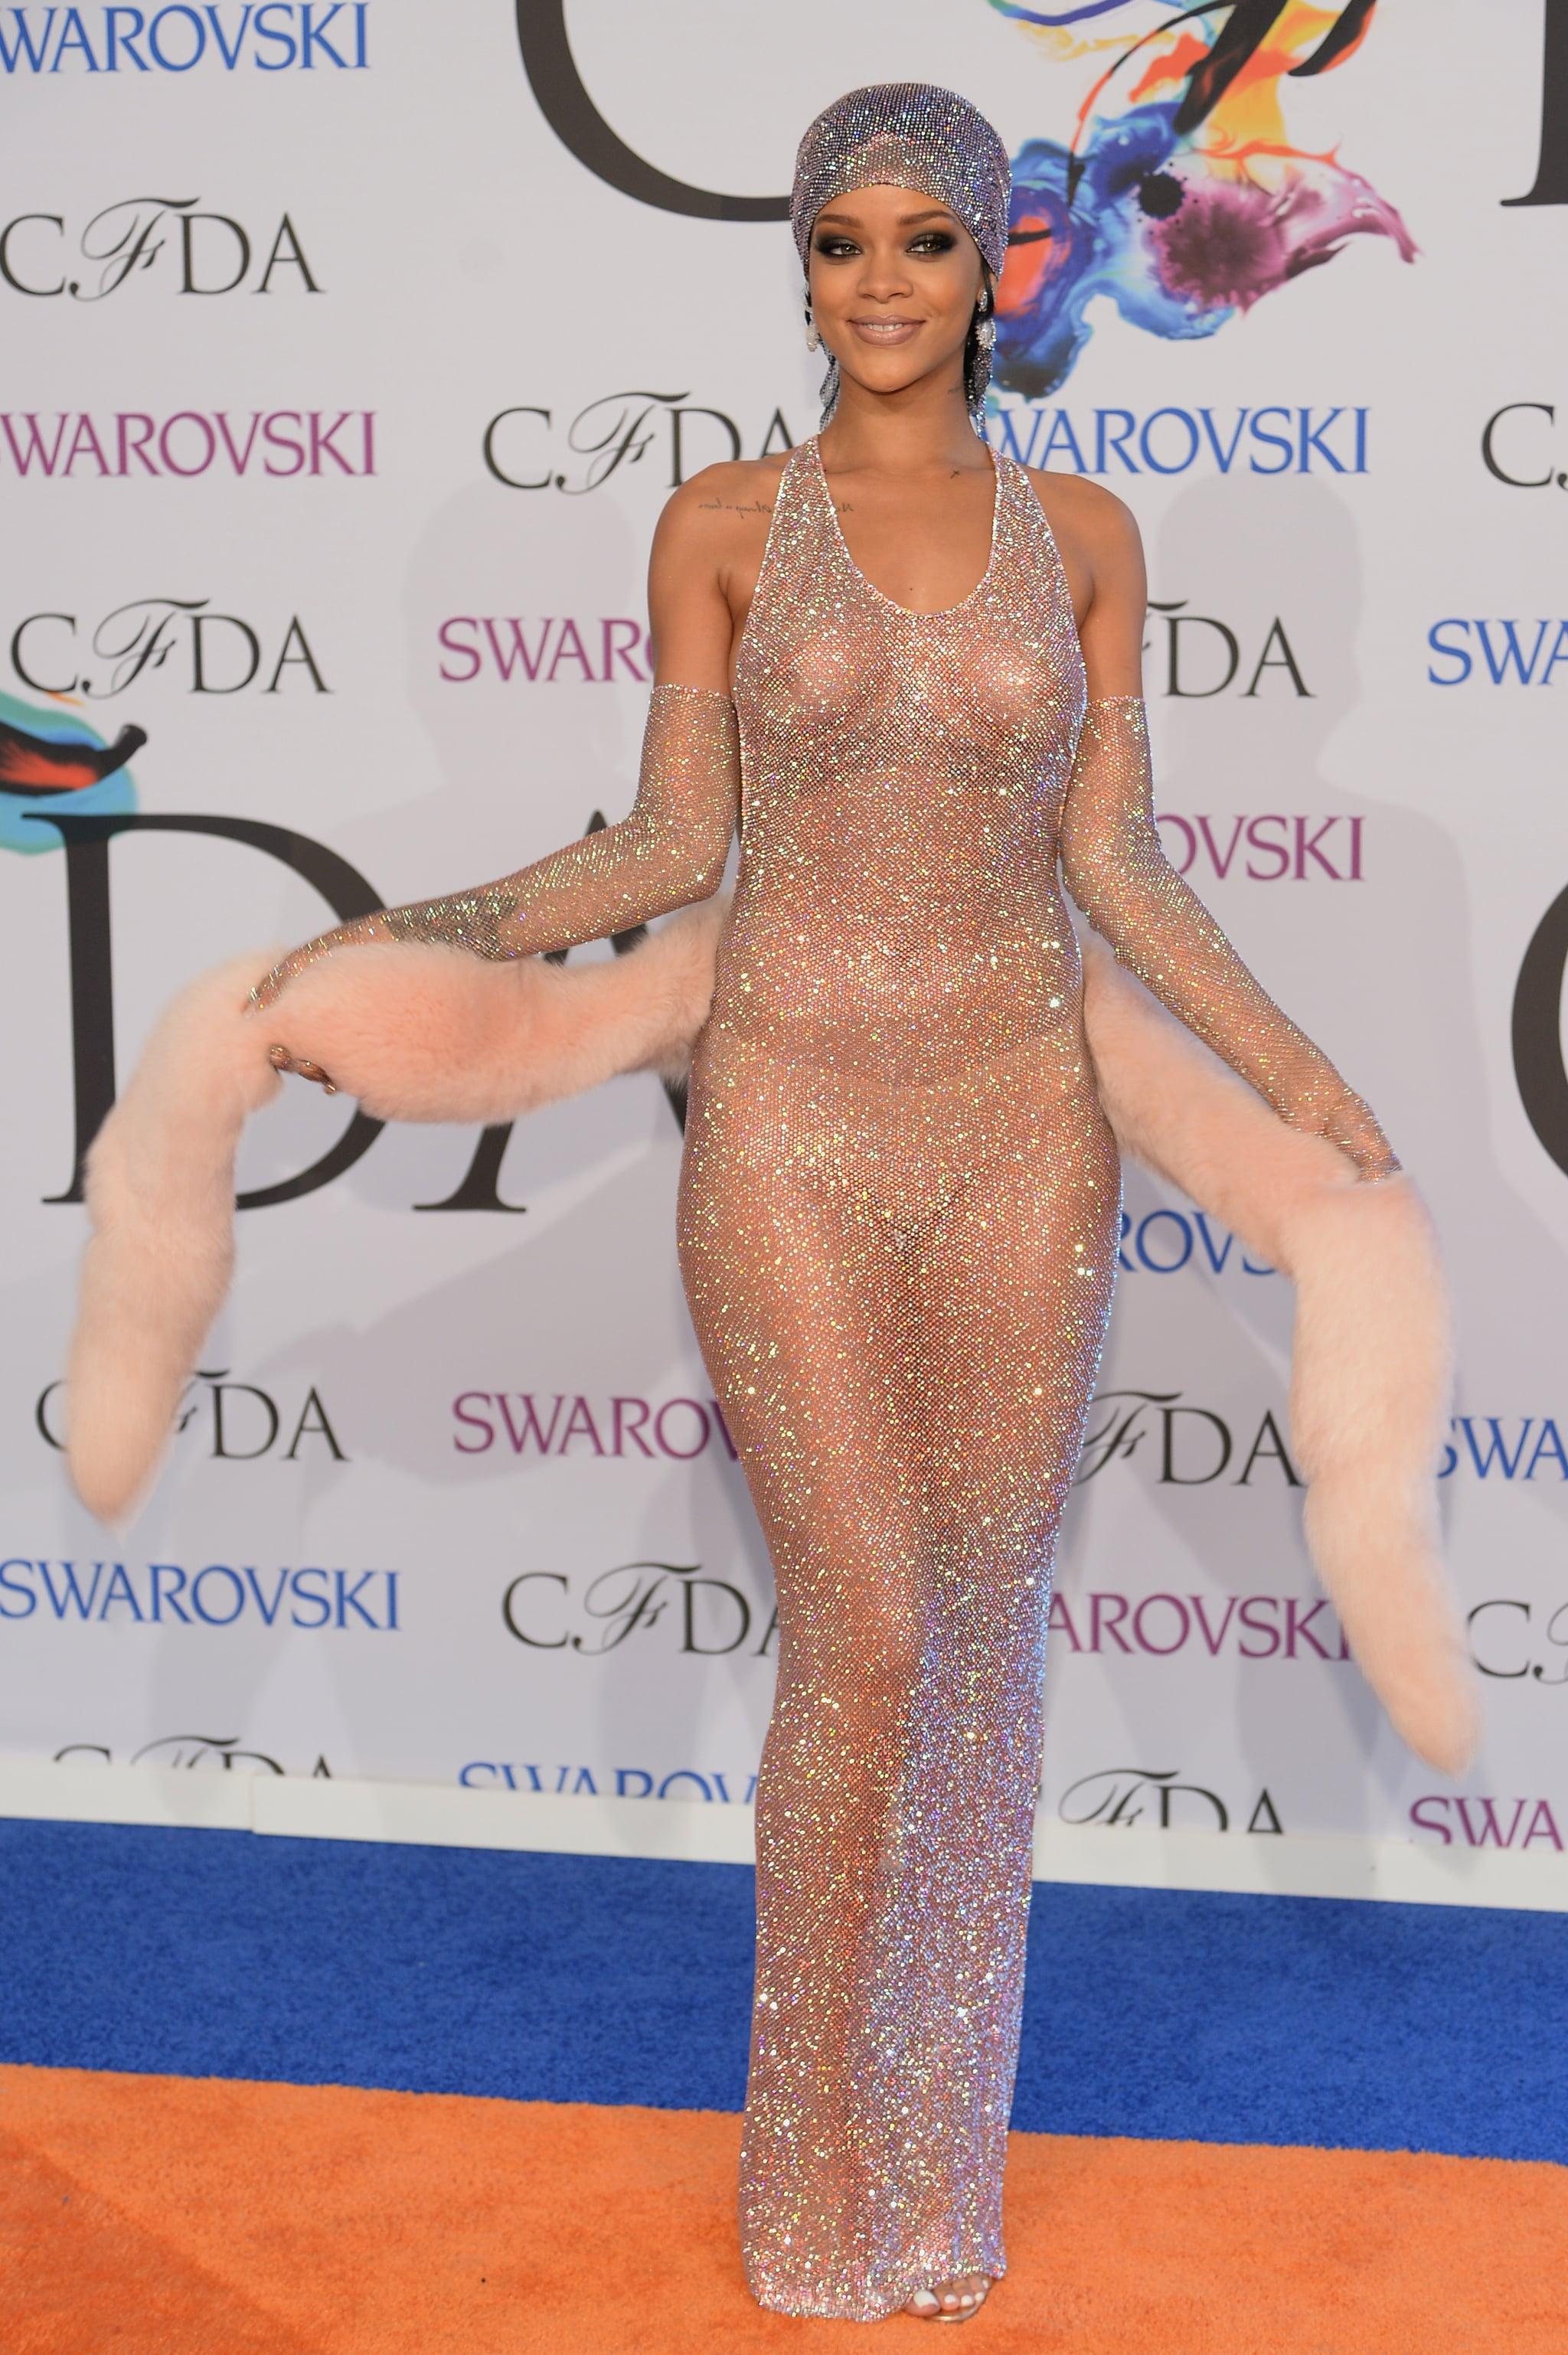 Rihanna at the 2014 CFDA Fashion Awards